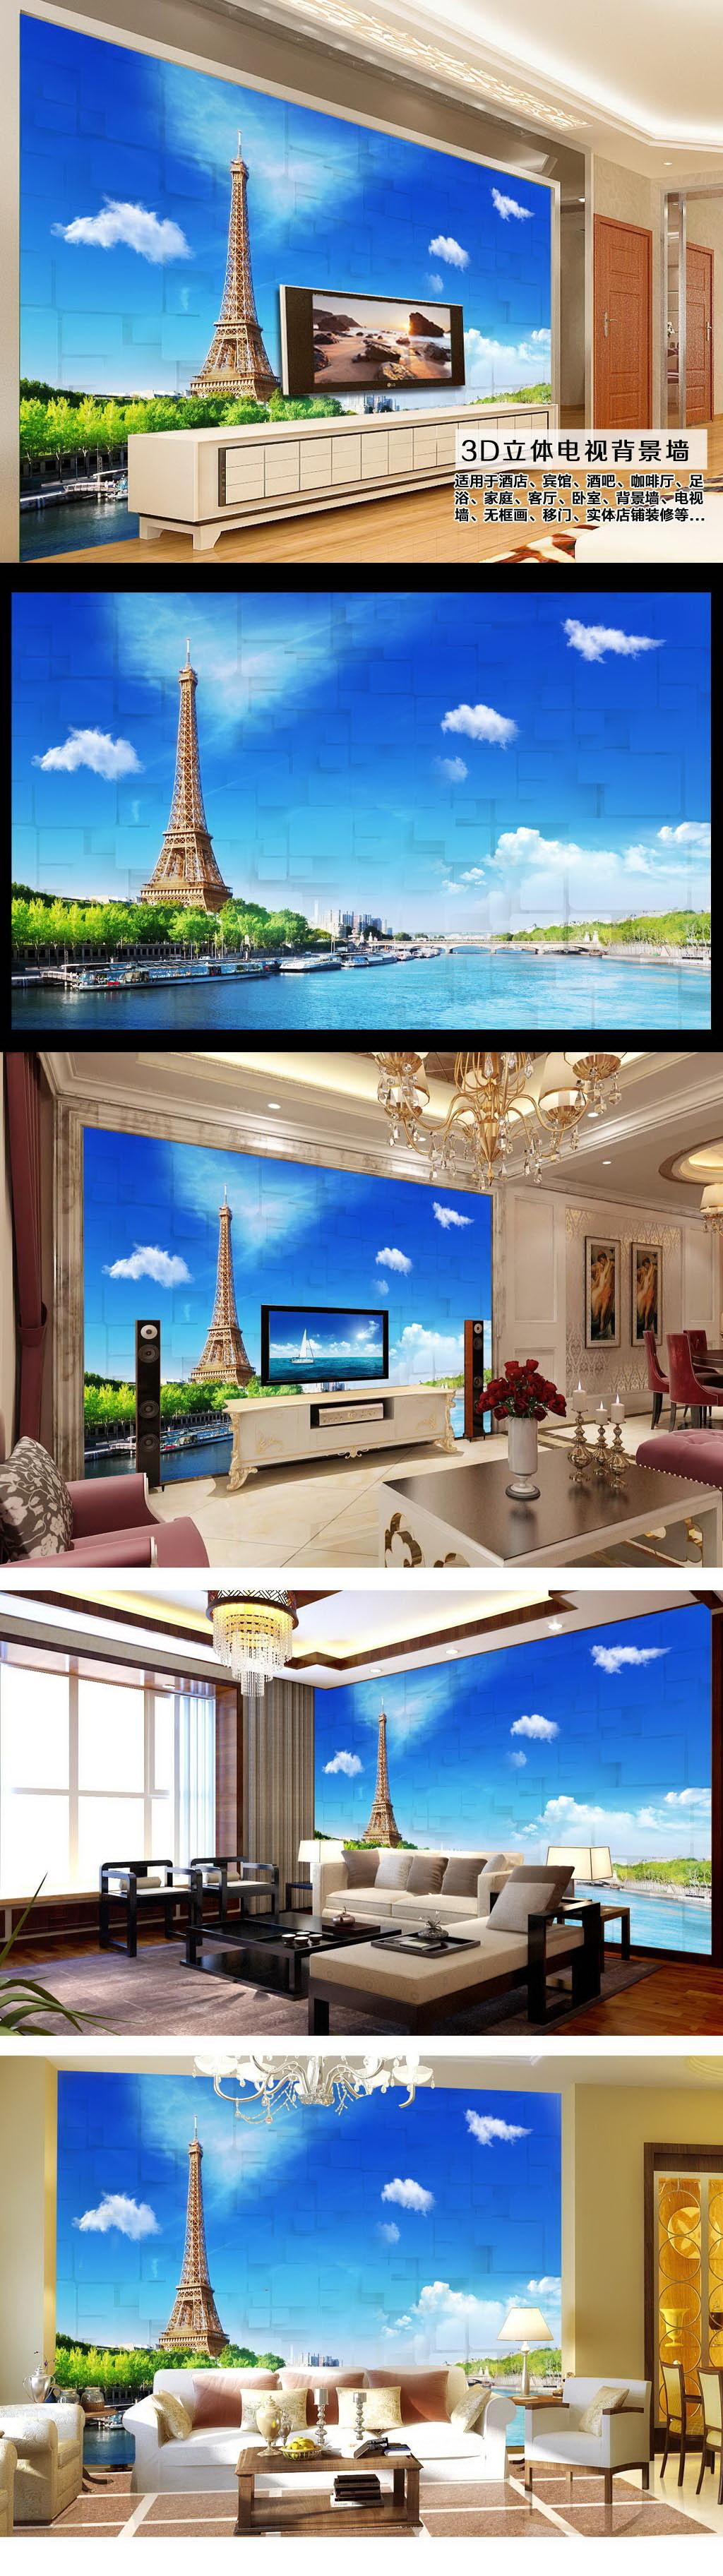 3d立体埃菲尔铁塔风景电视背景墙